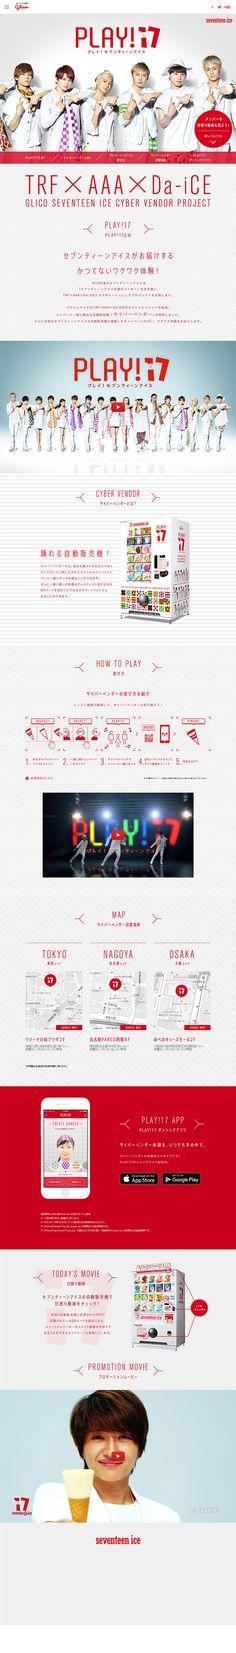 PLAY!17【和菓子・洋菓子・スイーツ関連】のLPデザイン。WEBデザイナーさん必見!ランディングページのデザイン参考に(シンプル系)